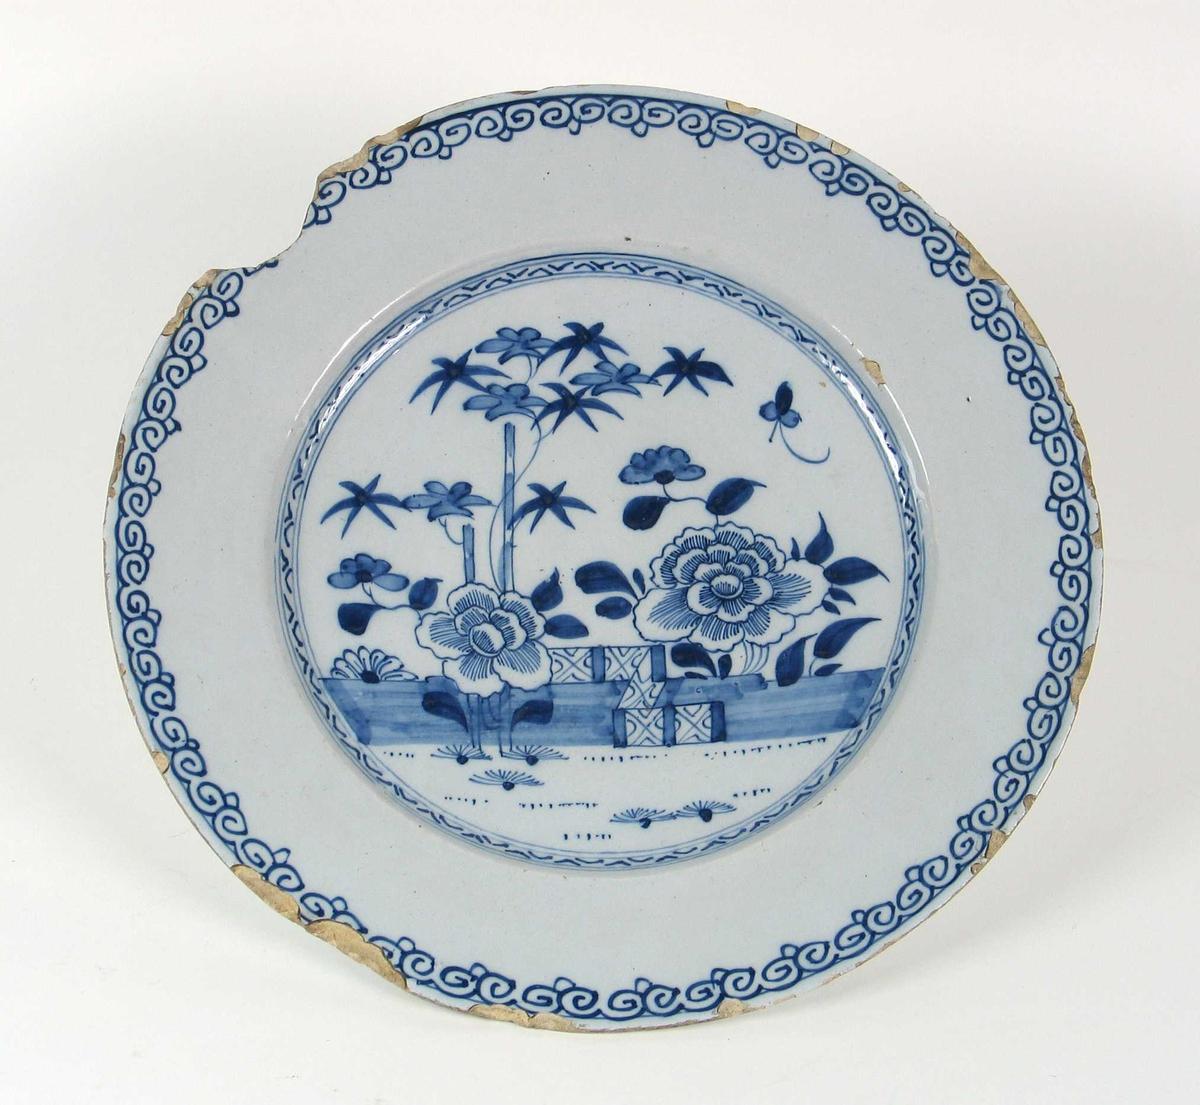 Blåmalte vegetabilske motiver og et gjerde i bakgrunnen, to store blomstermotiver i forgrunnen. Smal bord langs bunnen, bredere ved kanten.